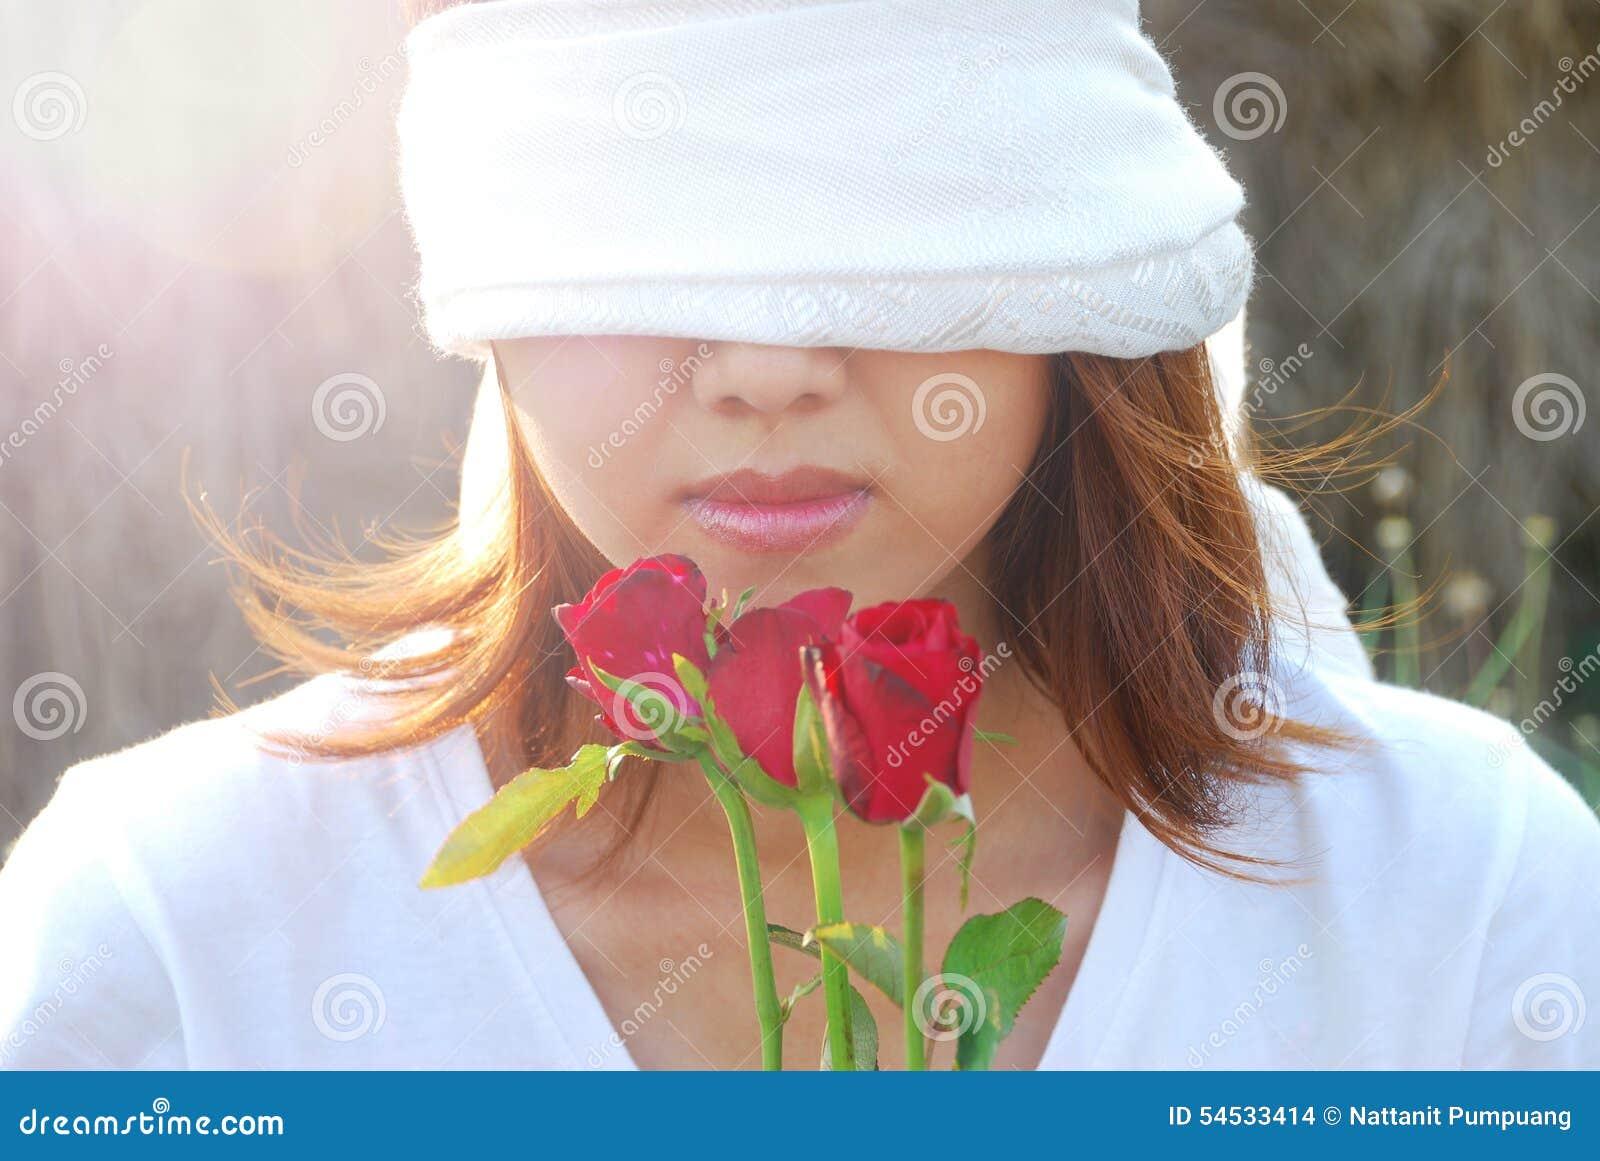 De liefde is blind